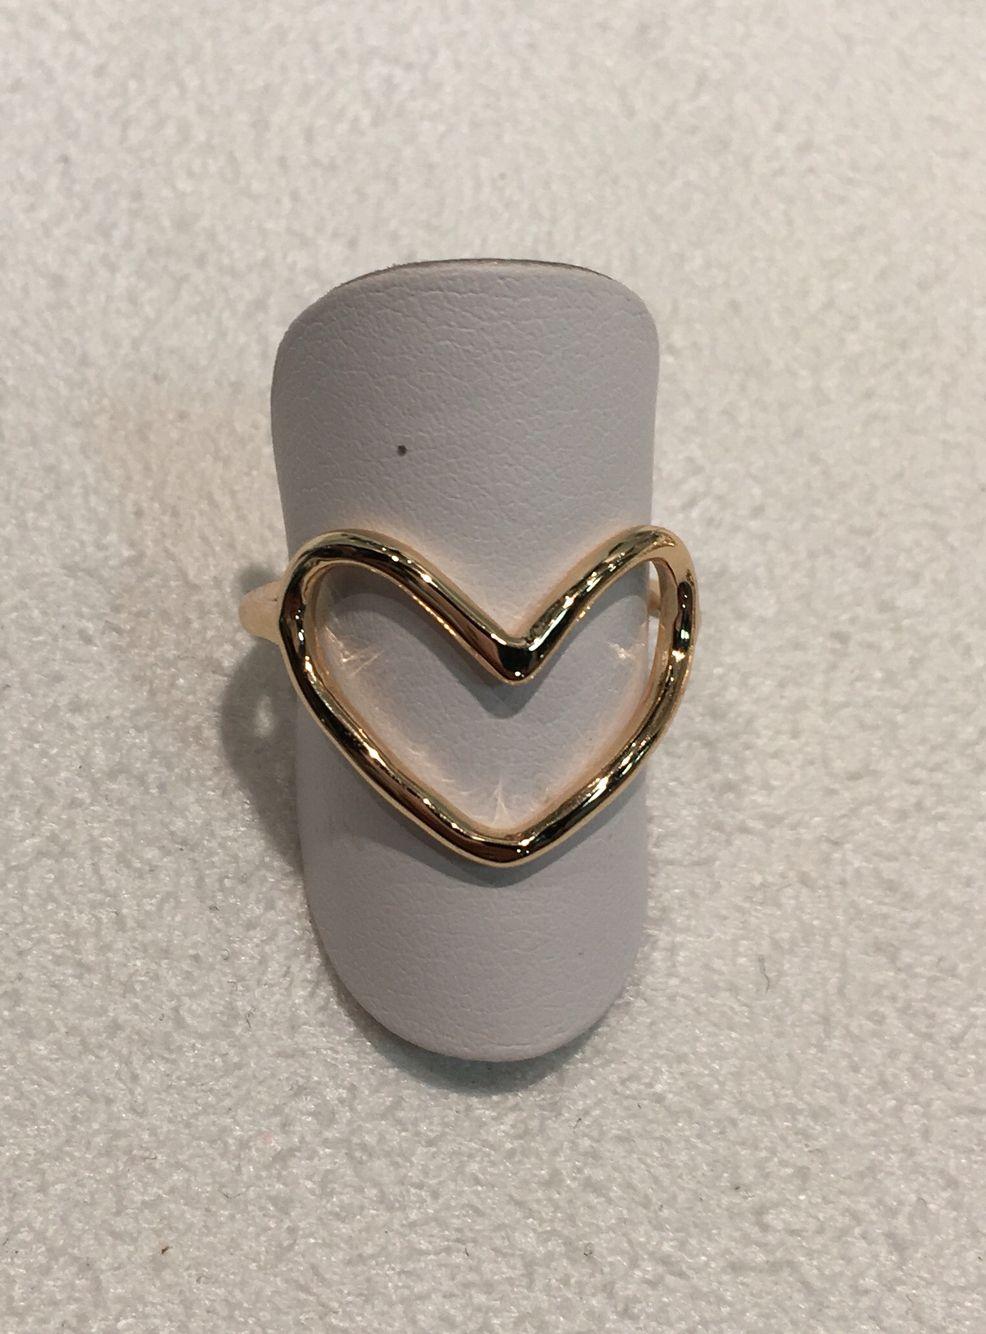 Premier Designs Sweetie Pie Ring